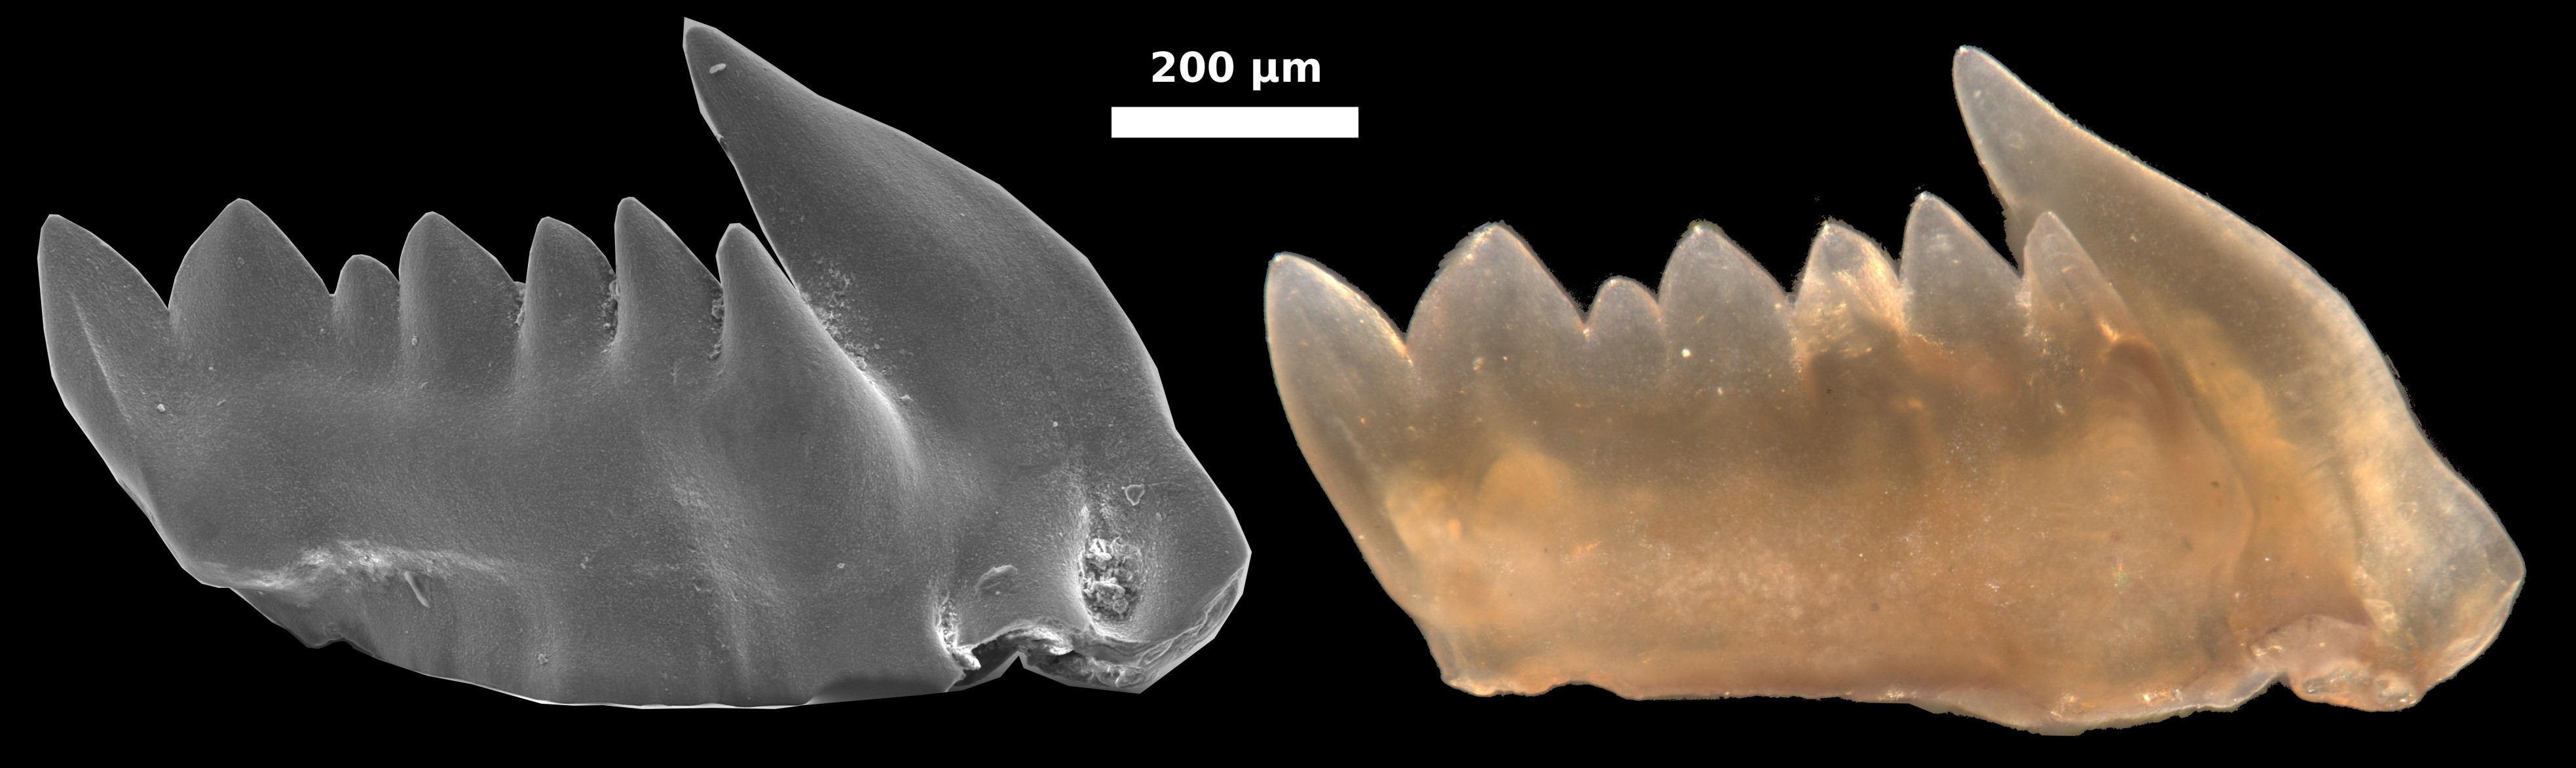 Zähne wachsen nach innen